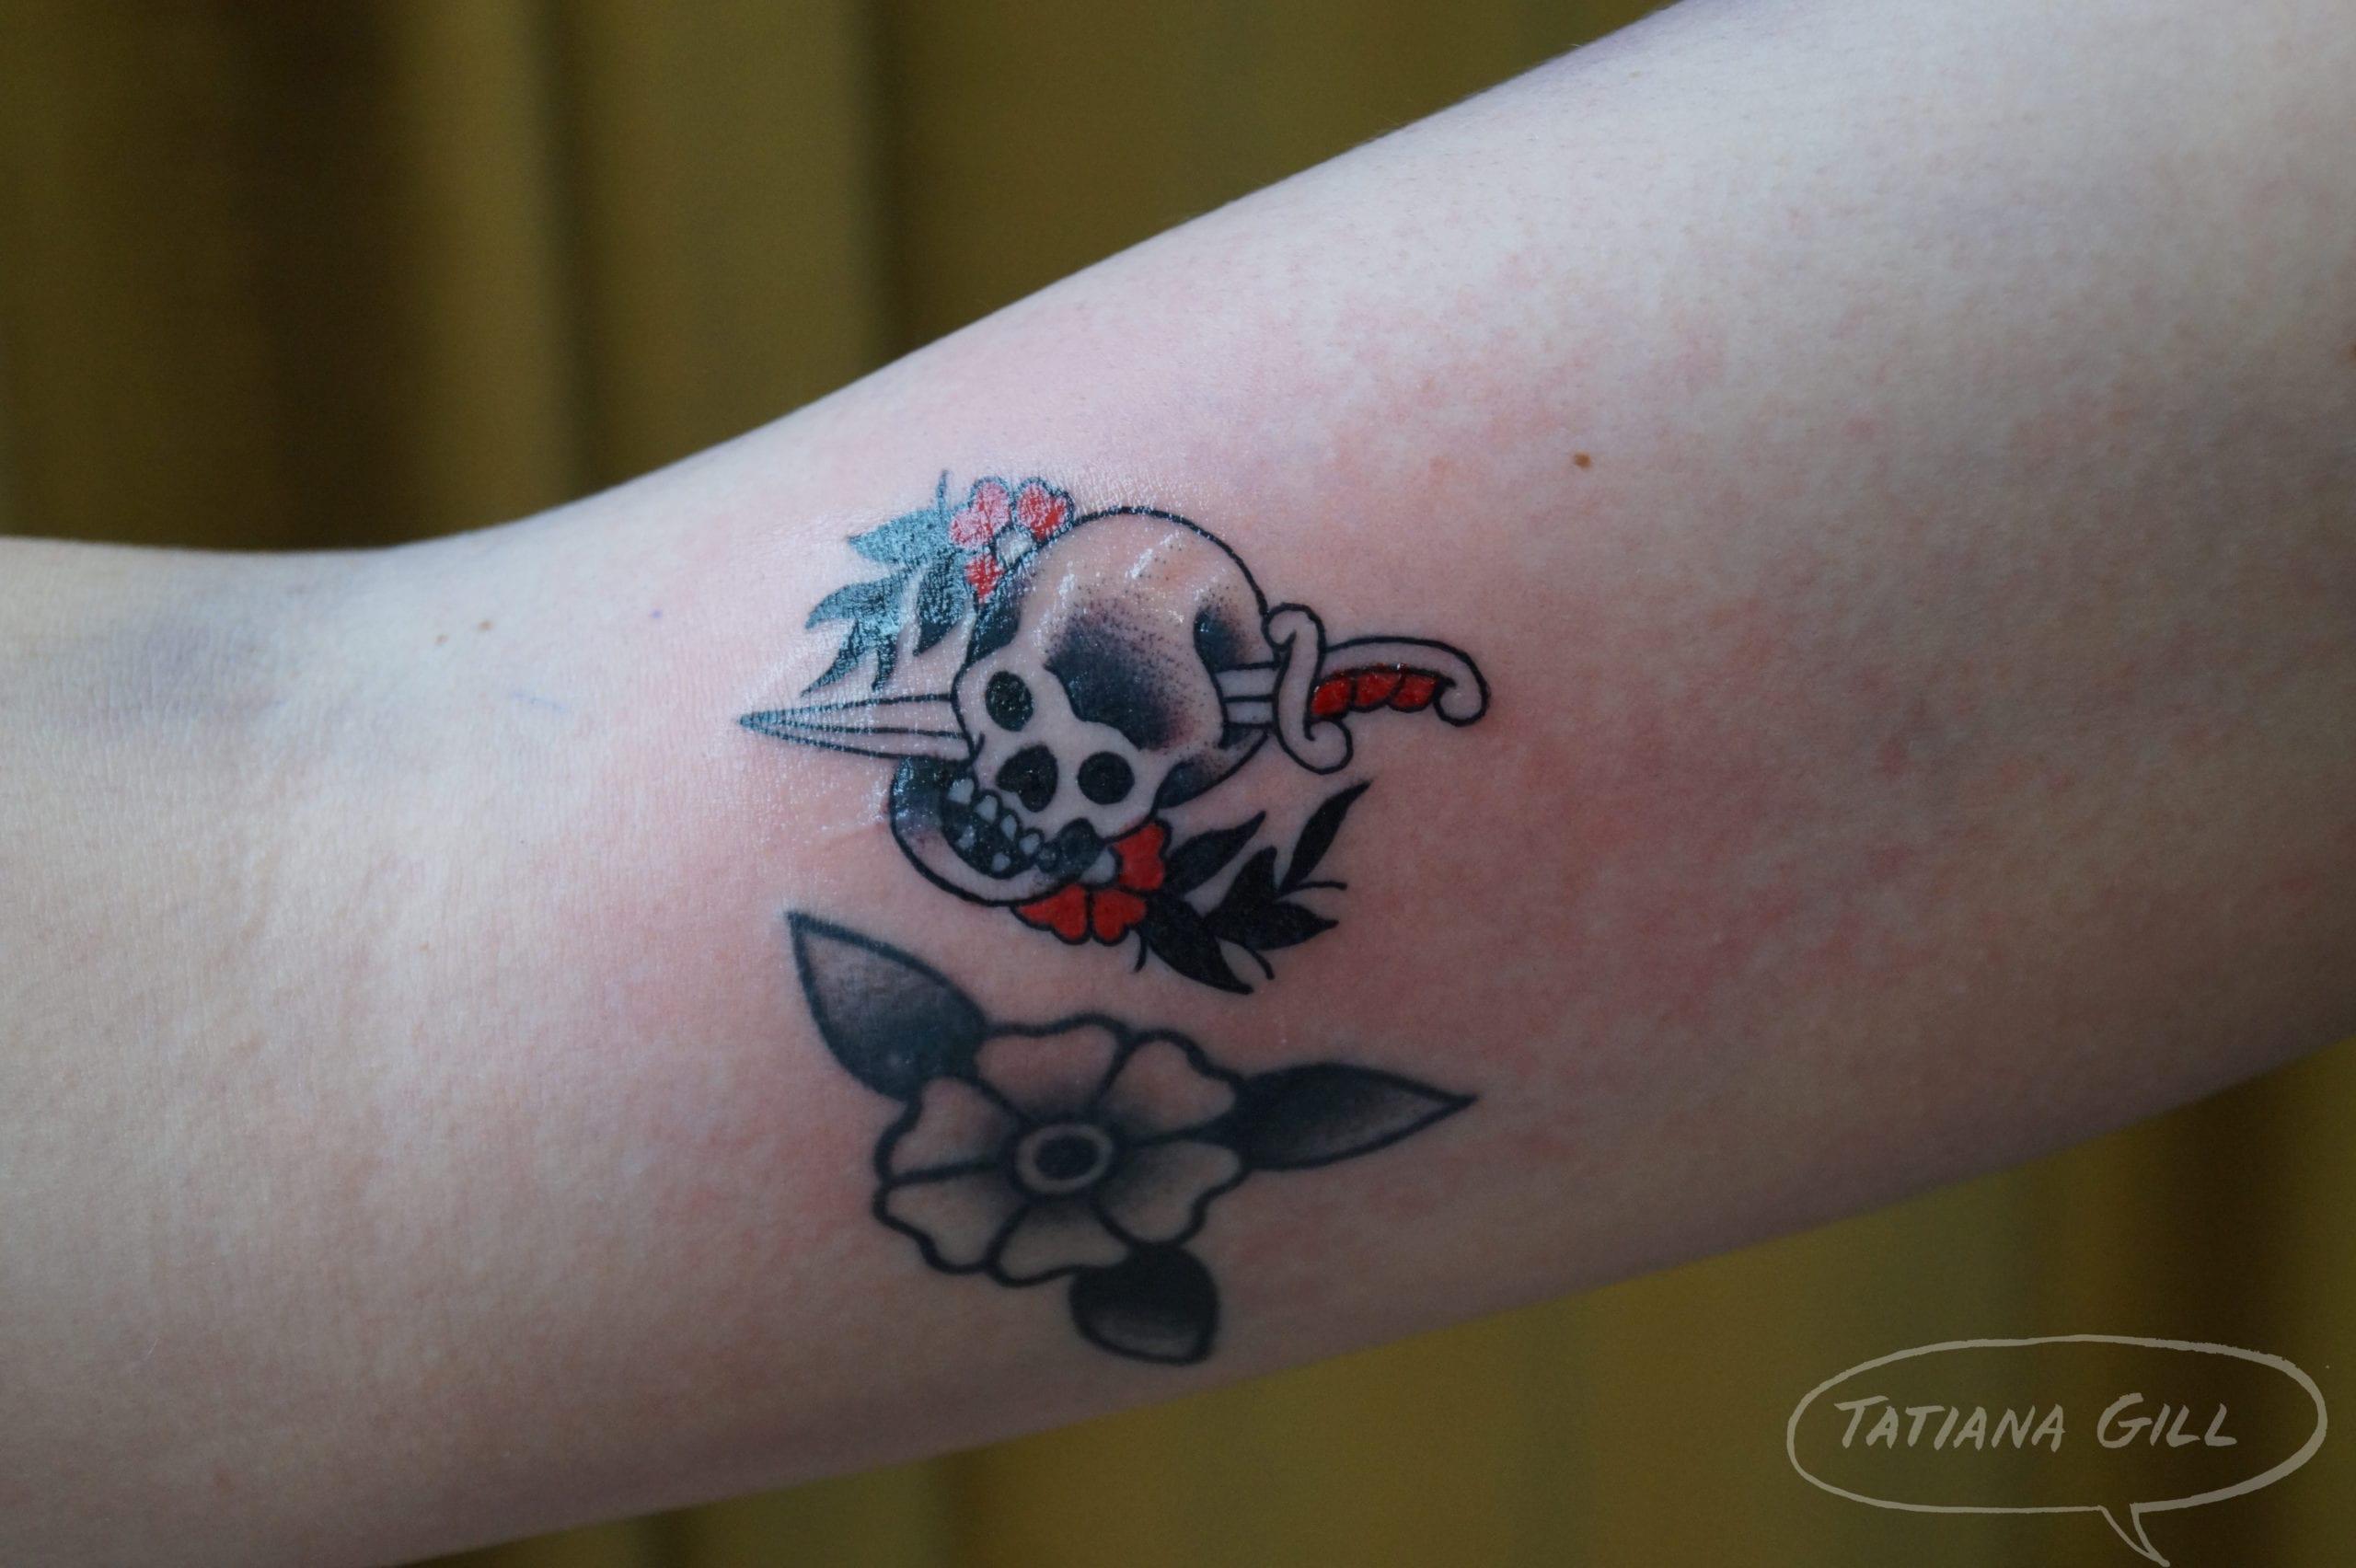 chs pics capitol hill s dark age tattoo inks its way to